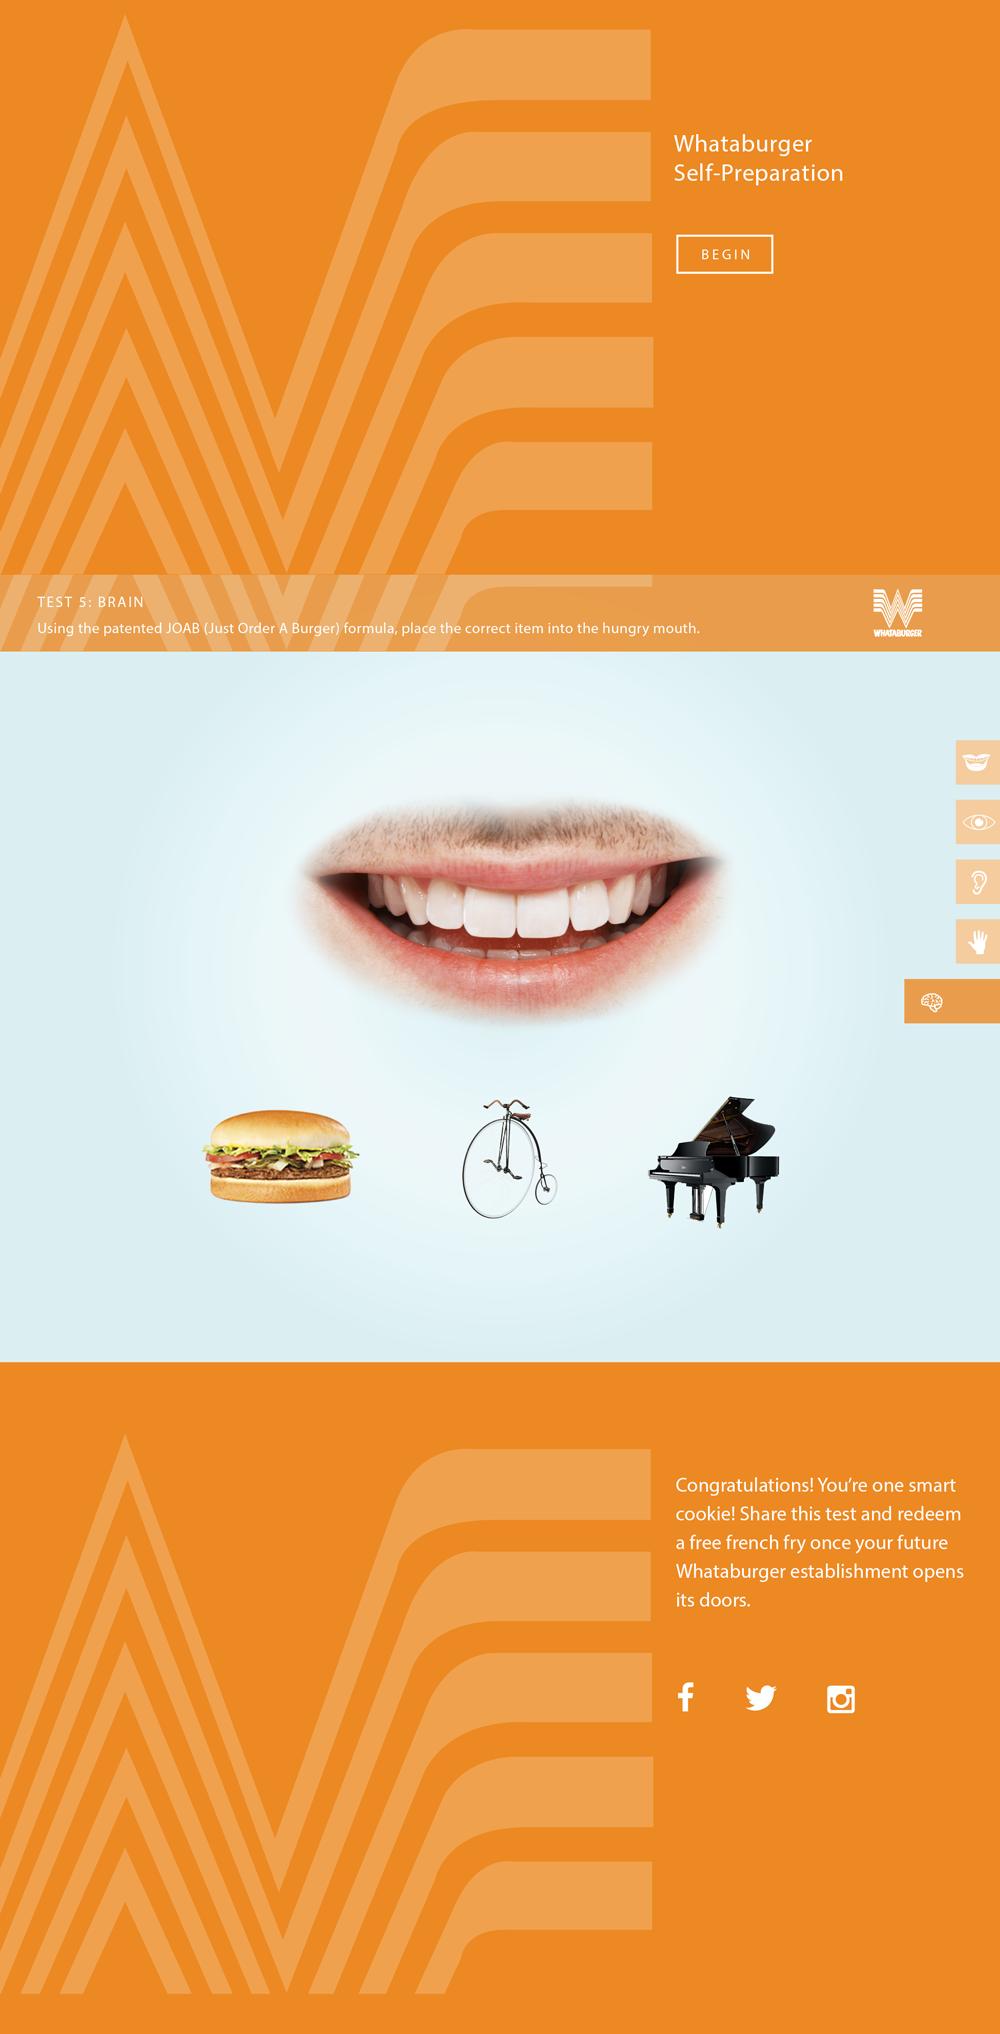 whataburgerwebsite_0004_Test5_1000